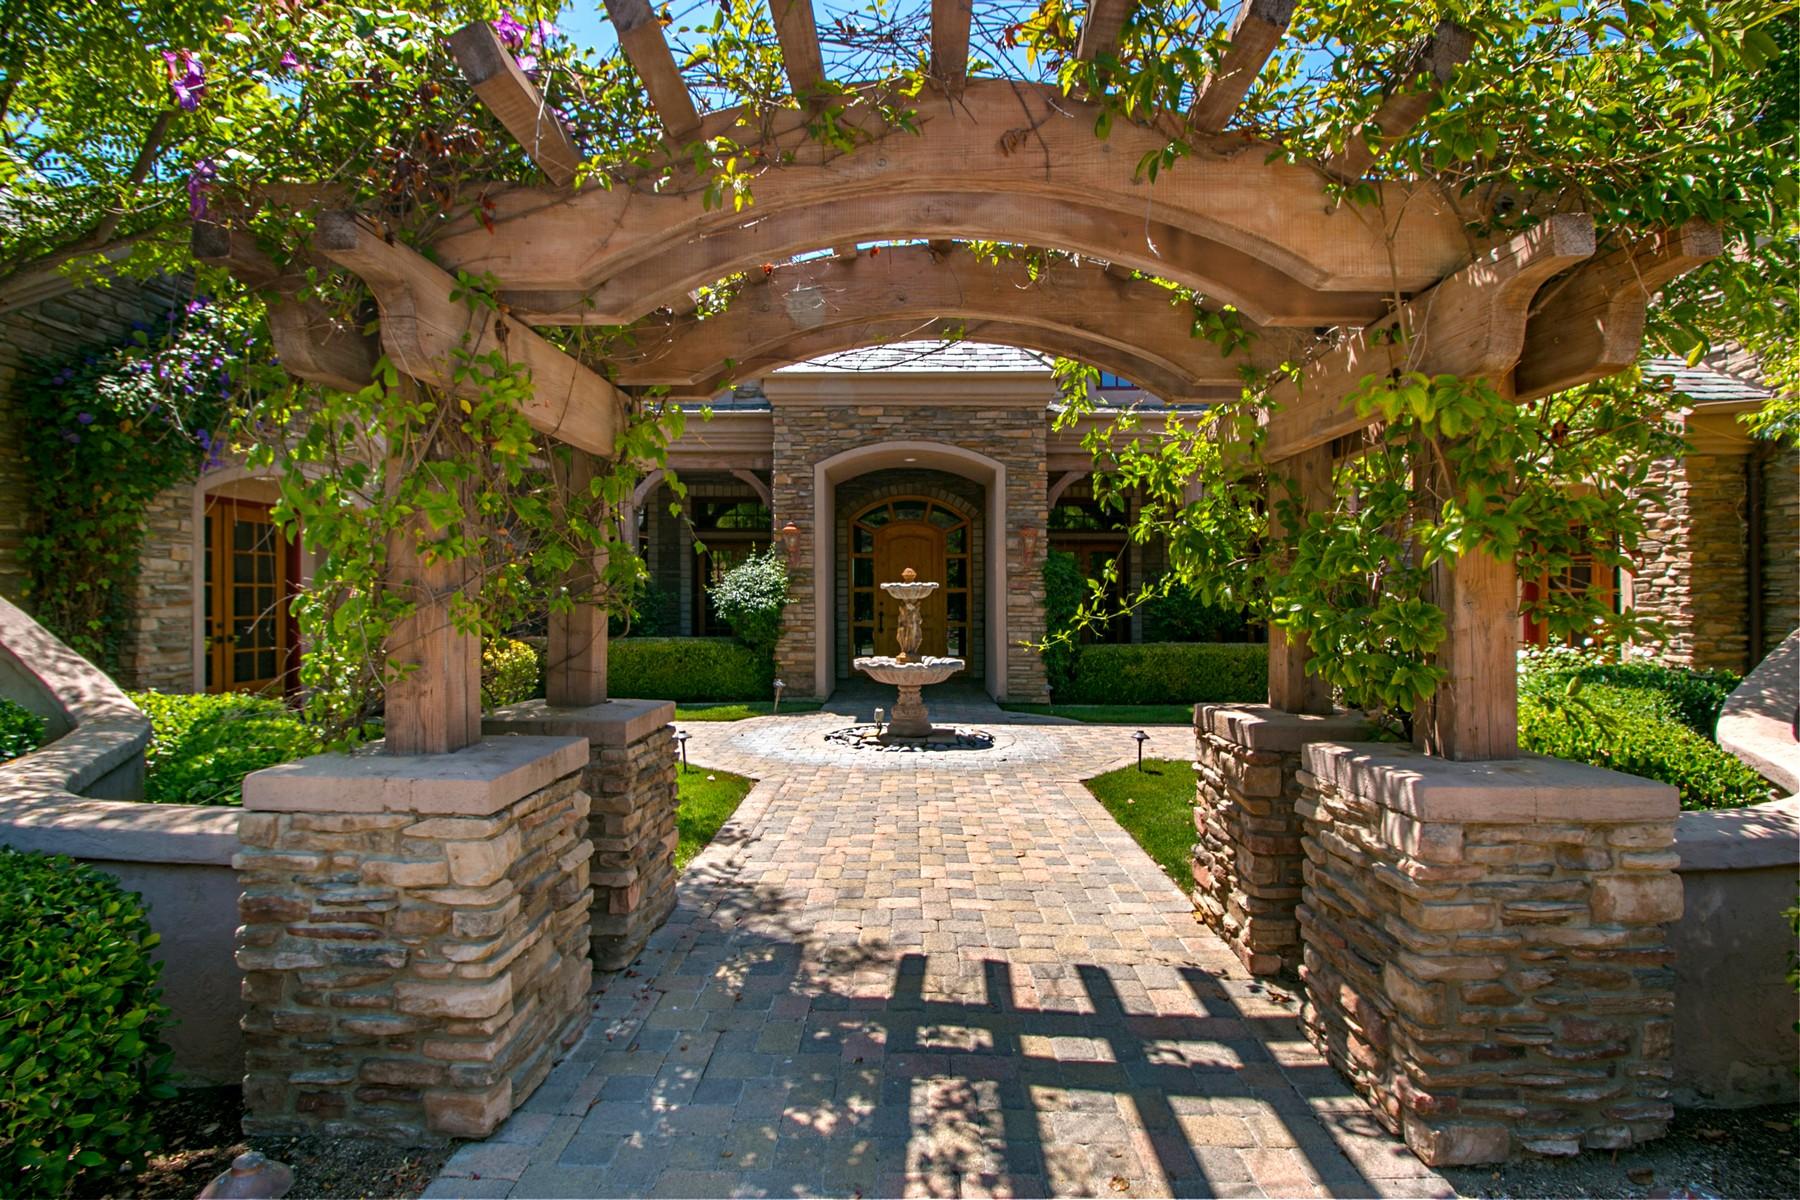 Частный односемейный дом для того Продажа на 14360 Cascade Crossing Poway, Калифорния 92064 Соединенные Штаты